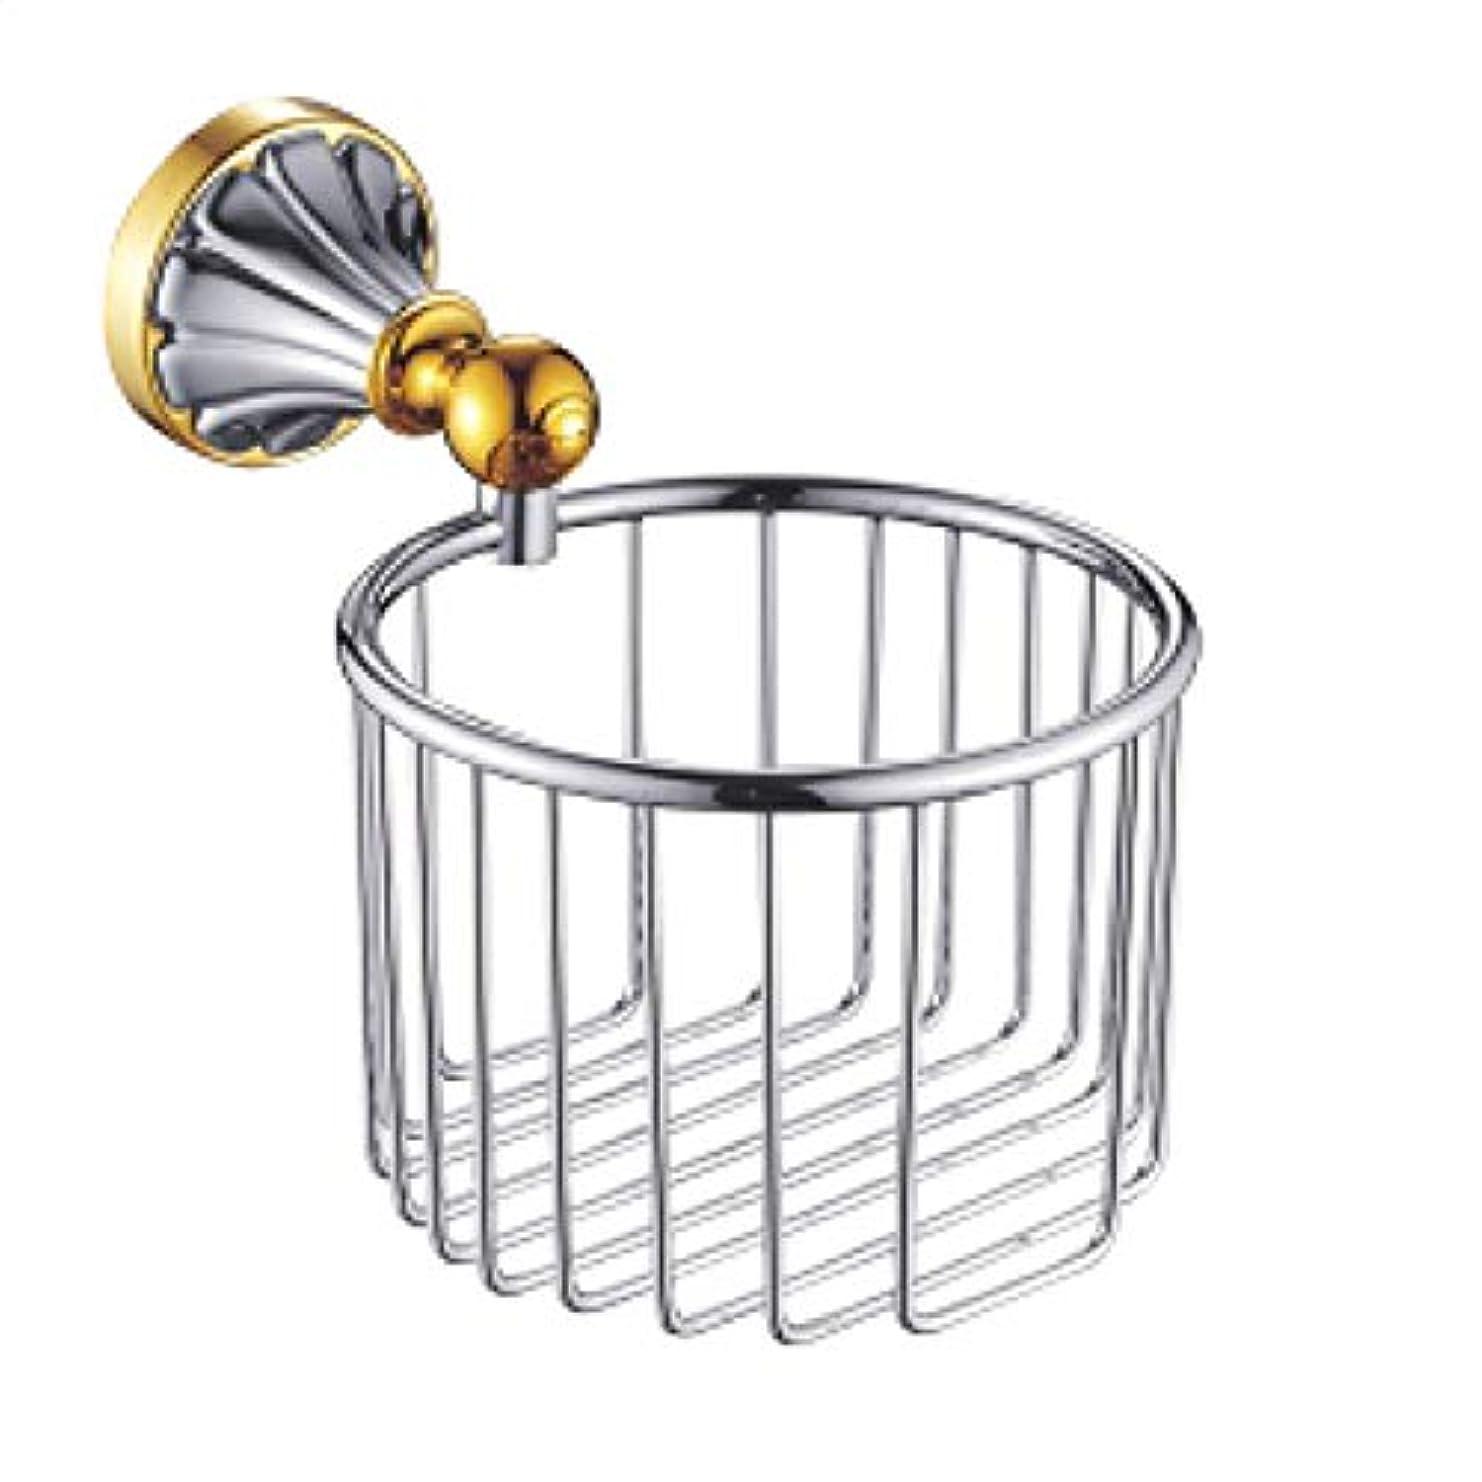 怪物平方スリップシューズZZLX 紙タオルホルダー、ヨーロッパスタイルのアンティークゴールド白バスルームトイレットペーパータオル棚 ロングハンドル風呂ブラシ (色 : Gold+chrome)